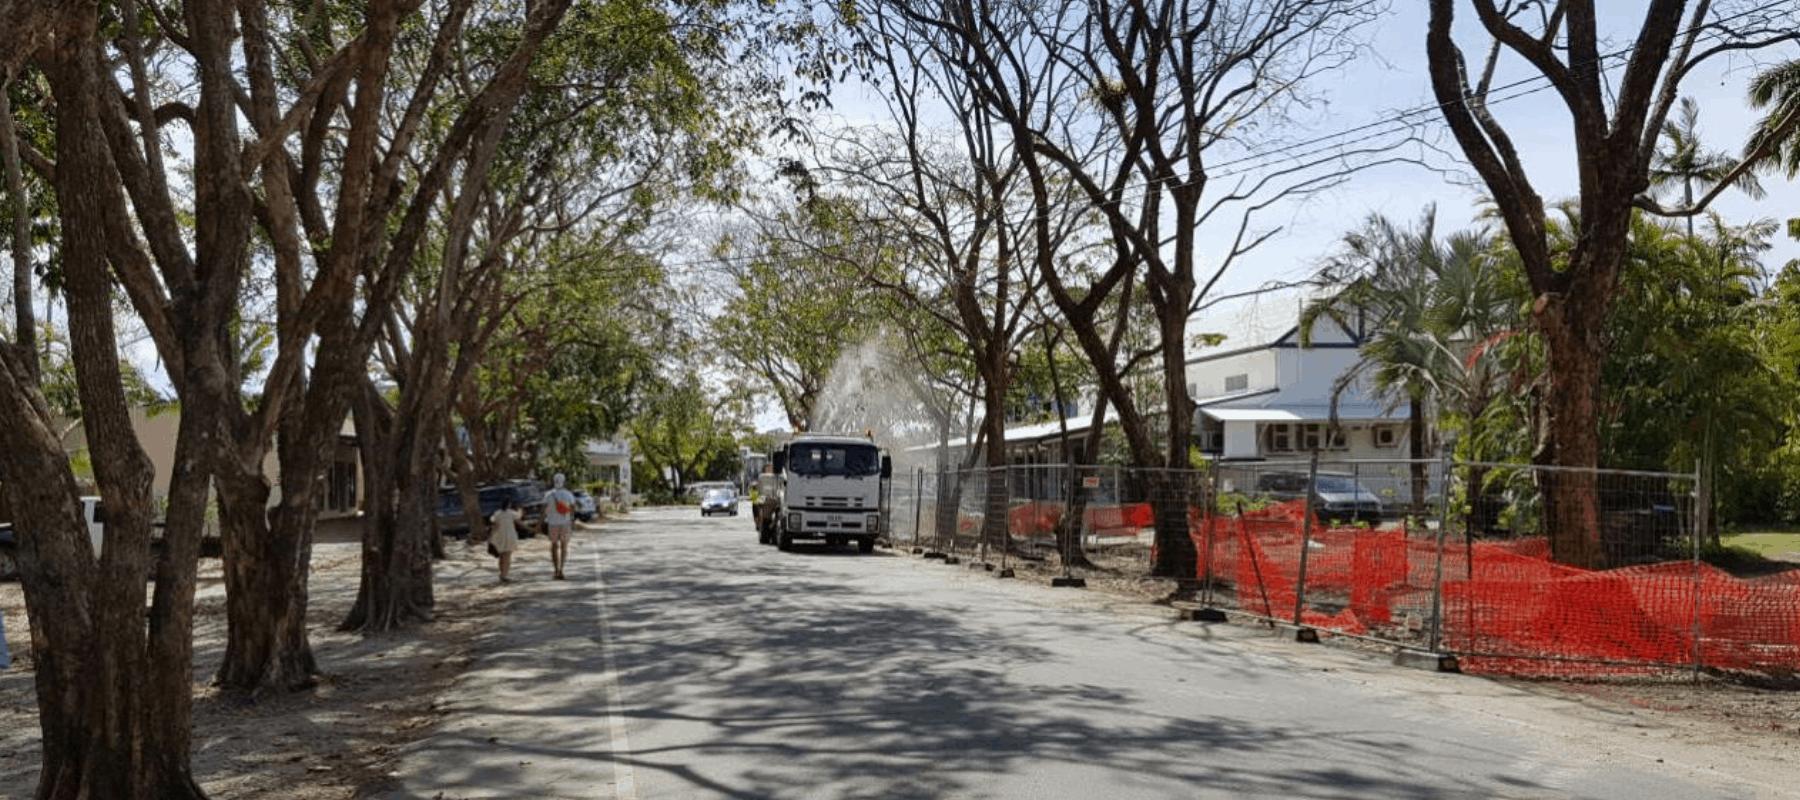 Watering truck warner street mid-works